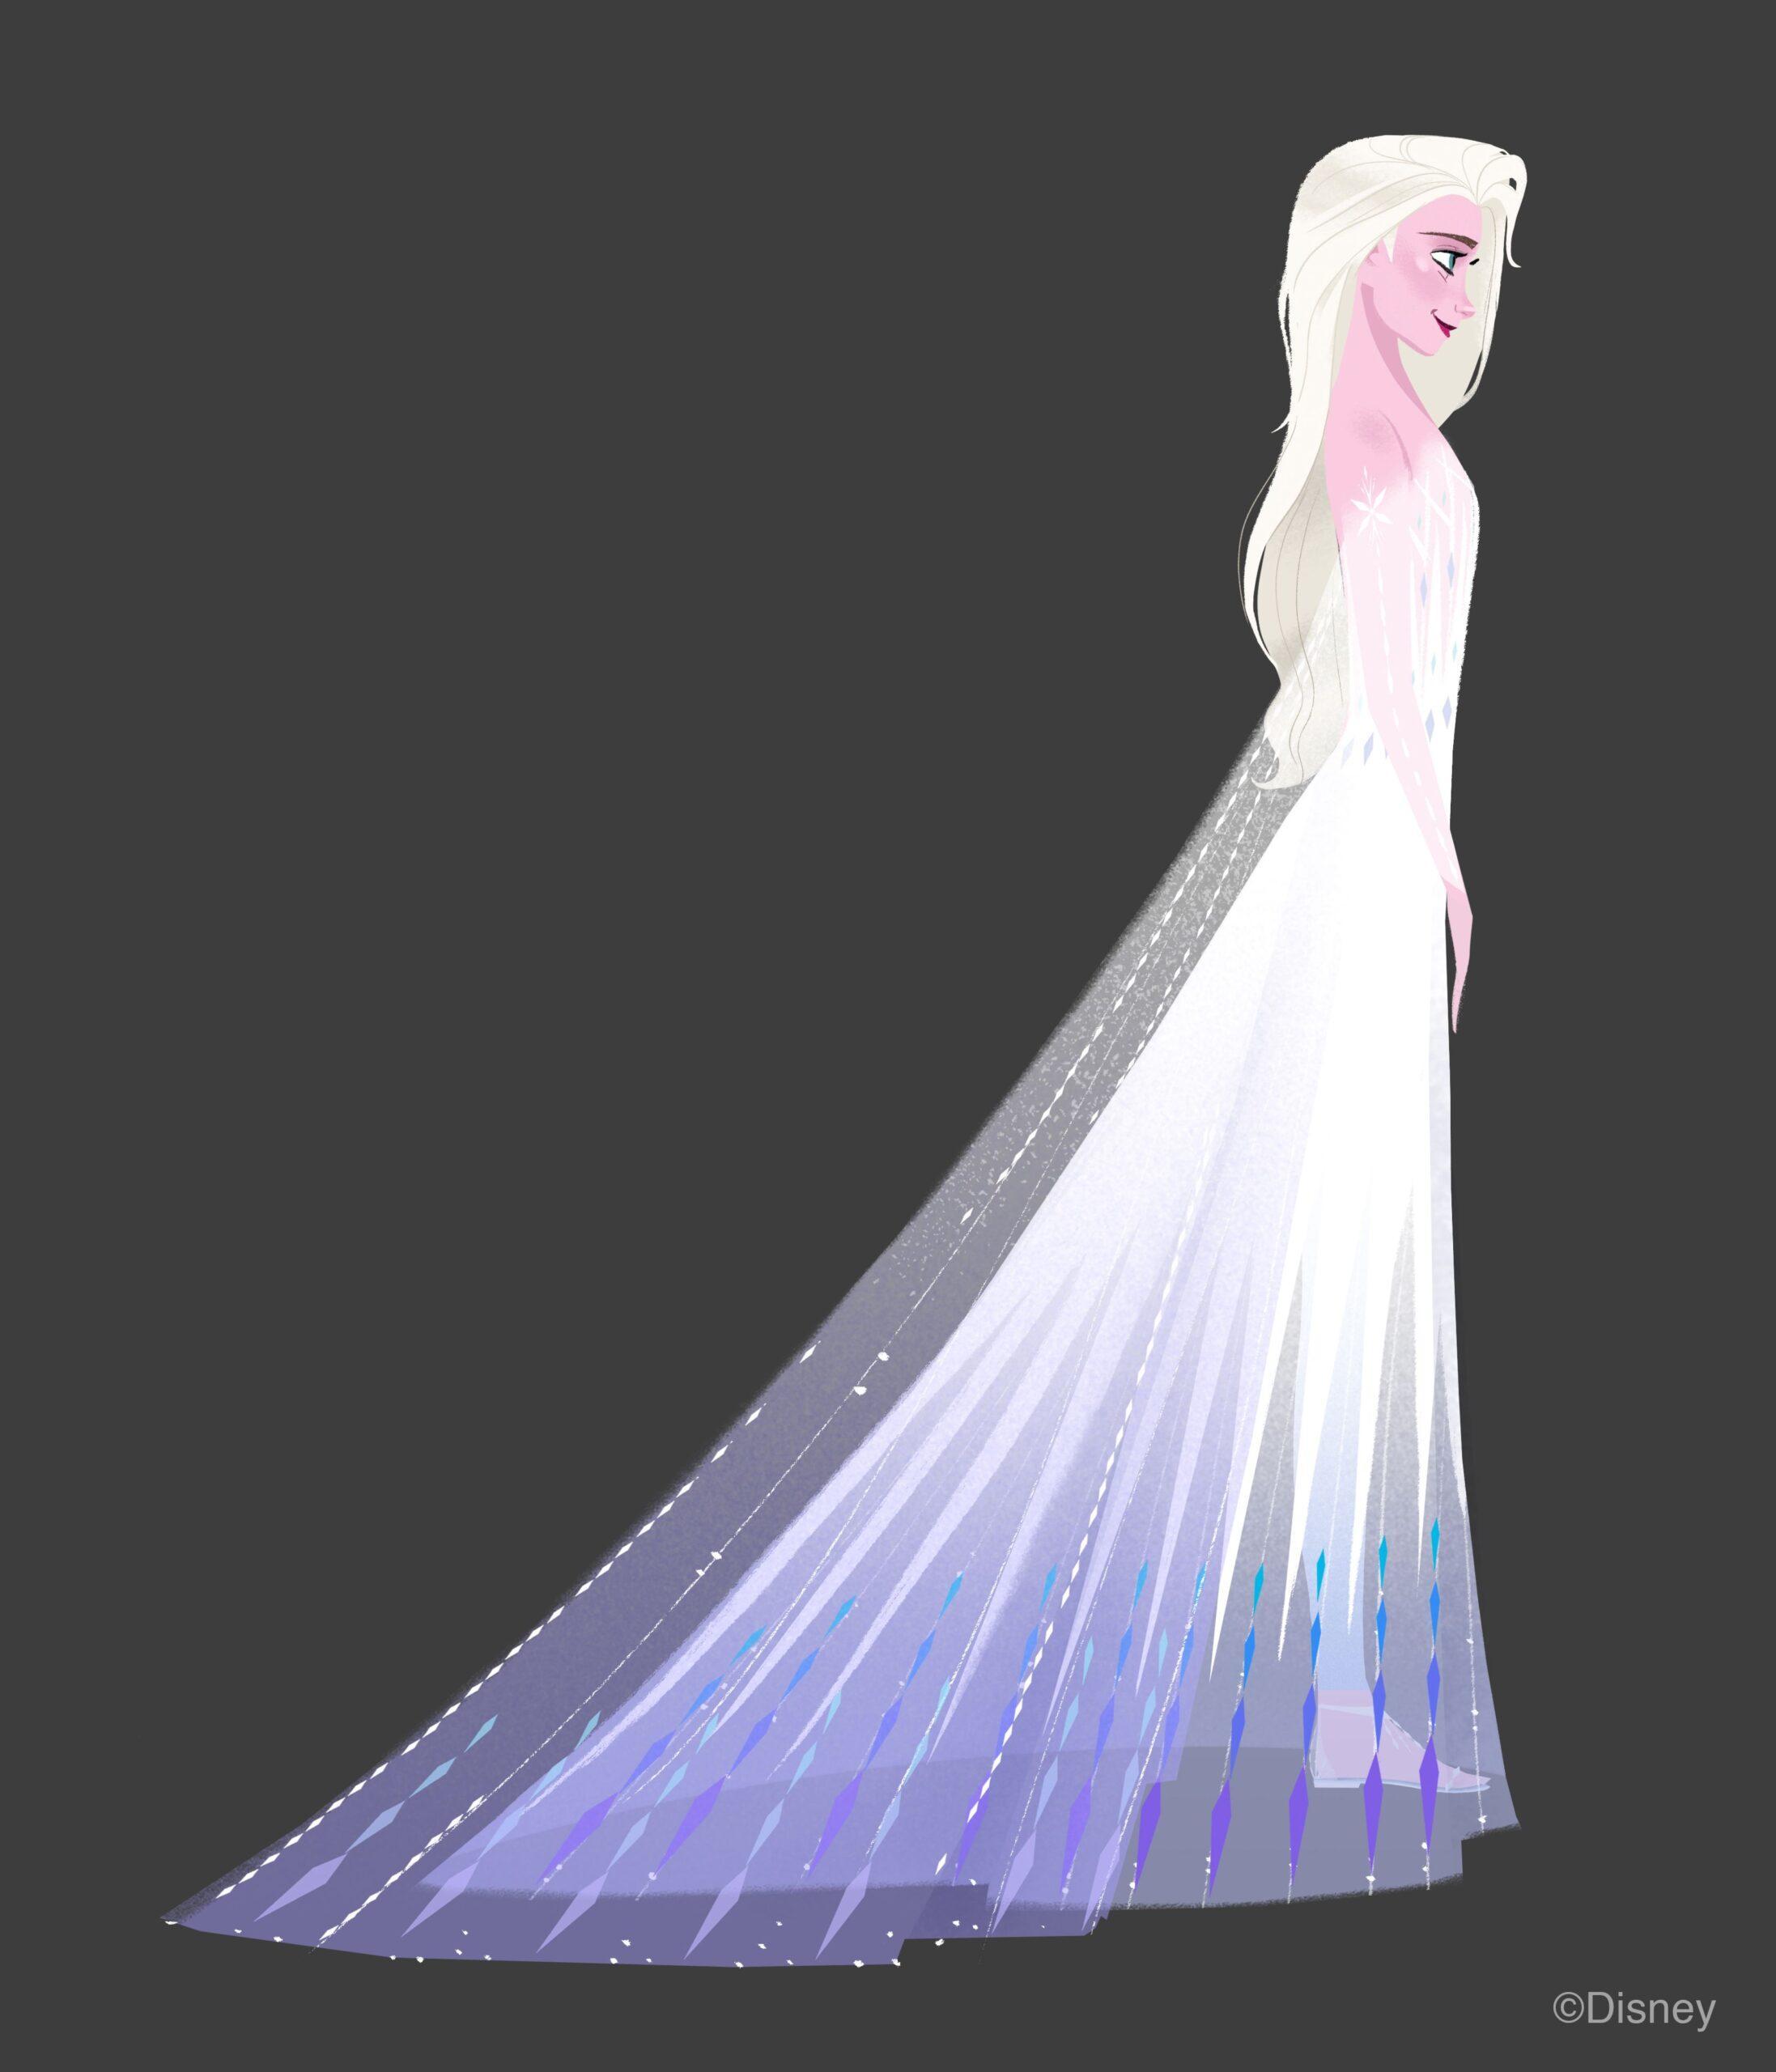 Bozzetto per l'abito finale di Elsa